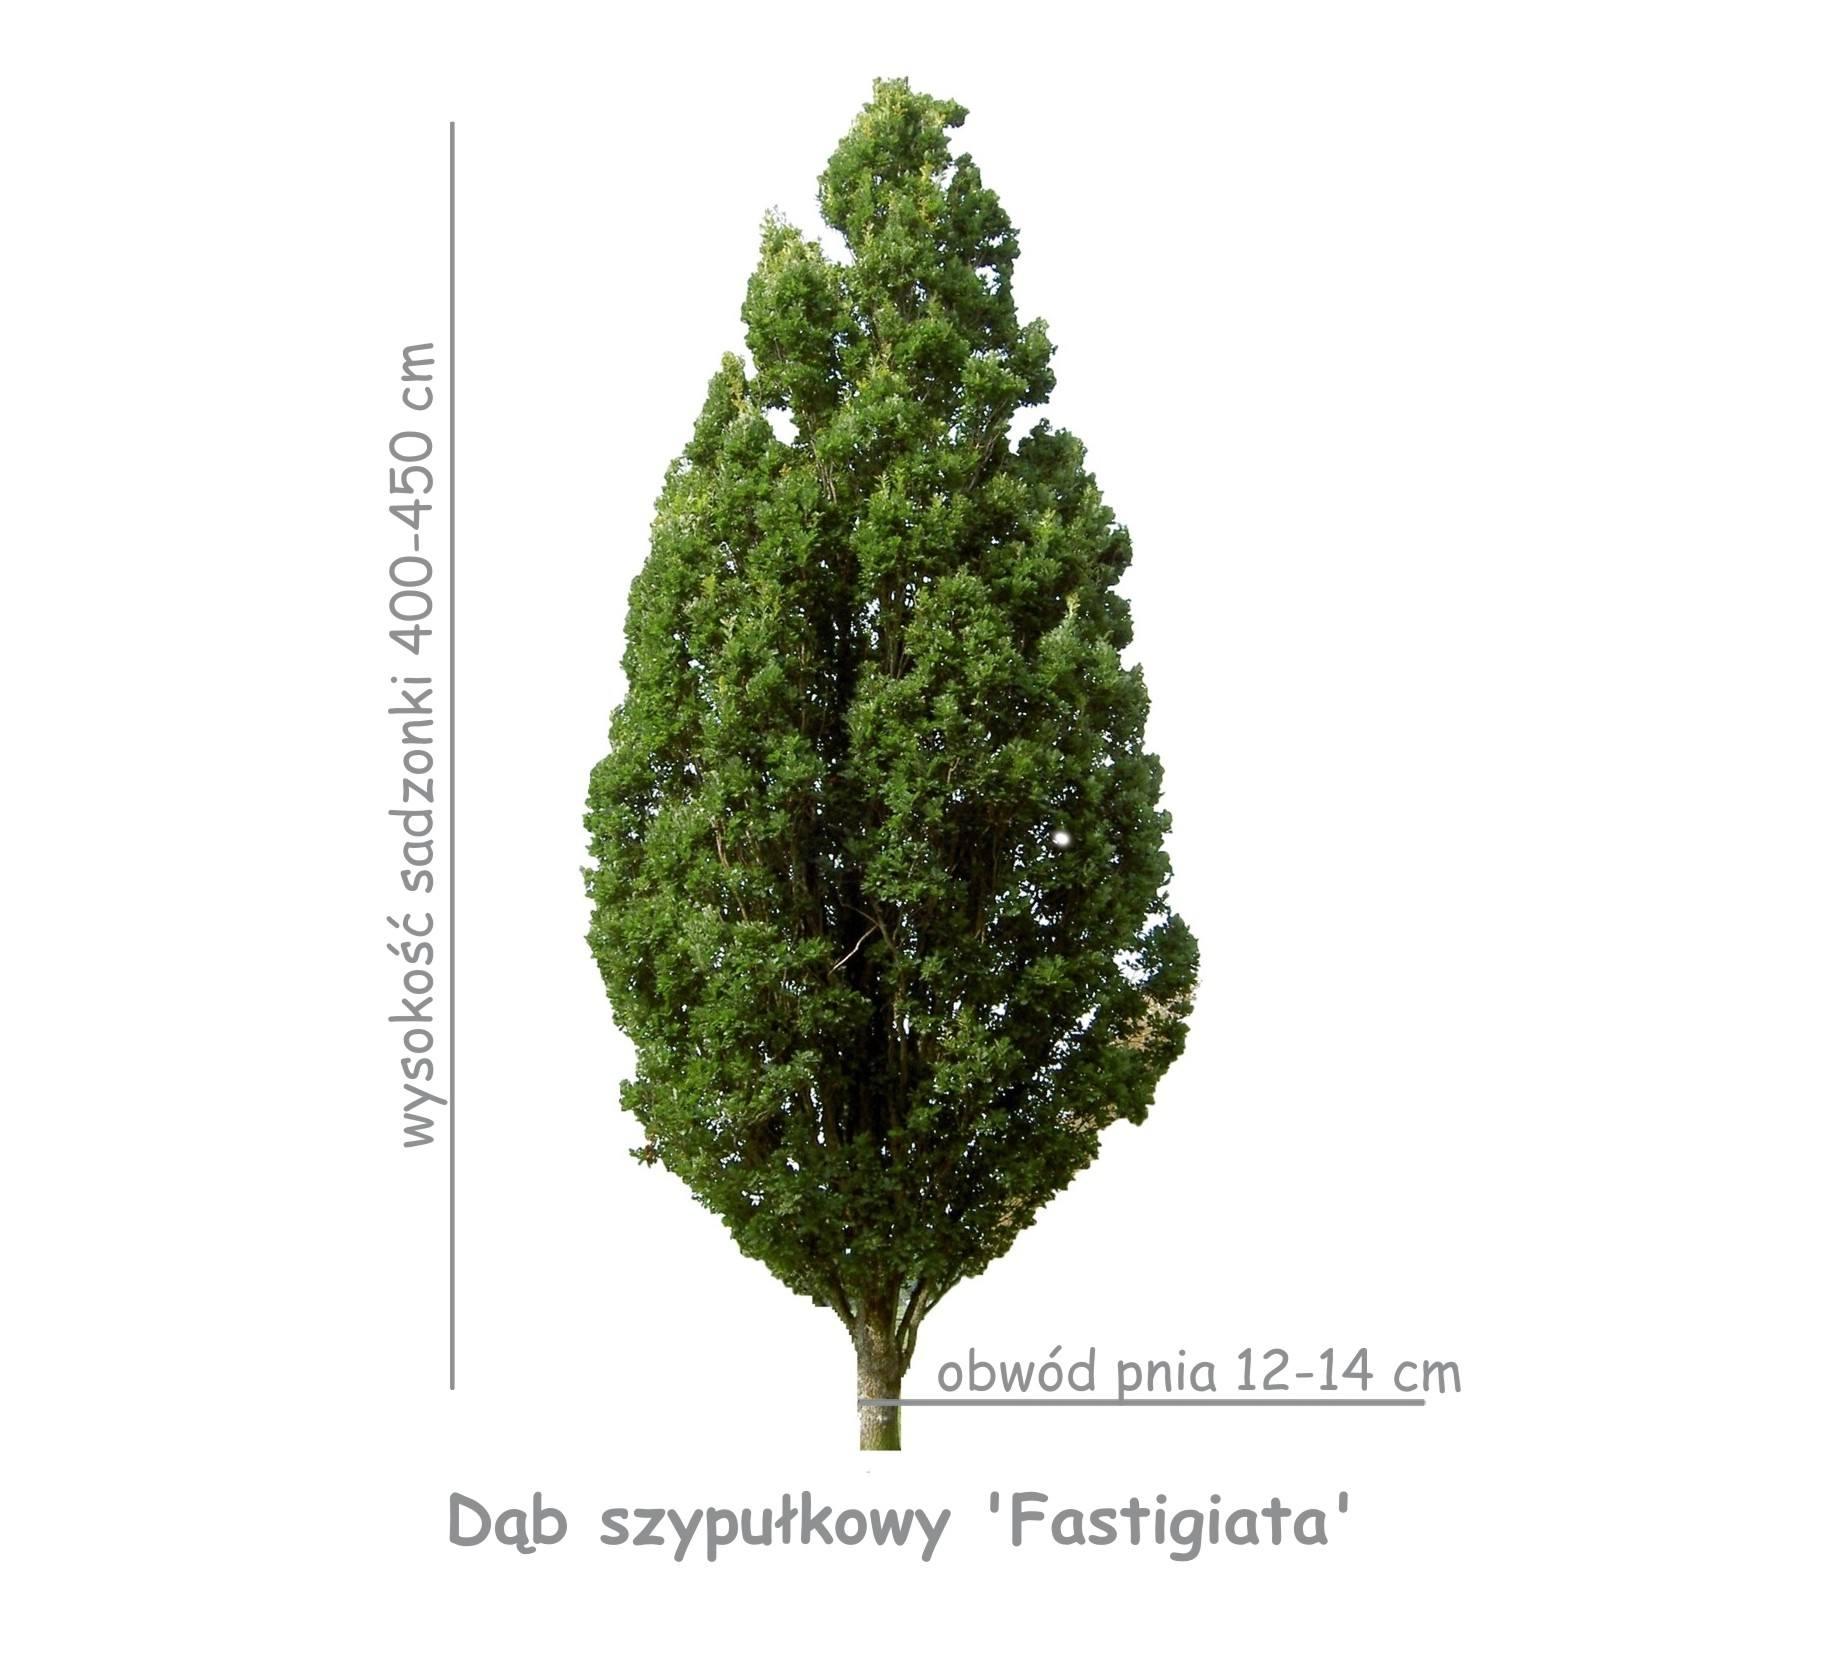 Dąb szypułkowy 'Fastigiata' sadzonka o obwodzie pnia 12-14 cm